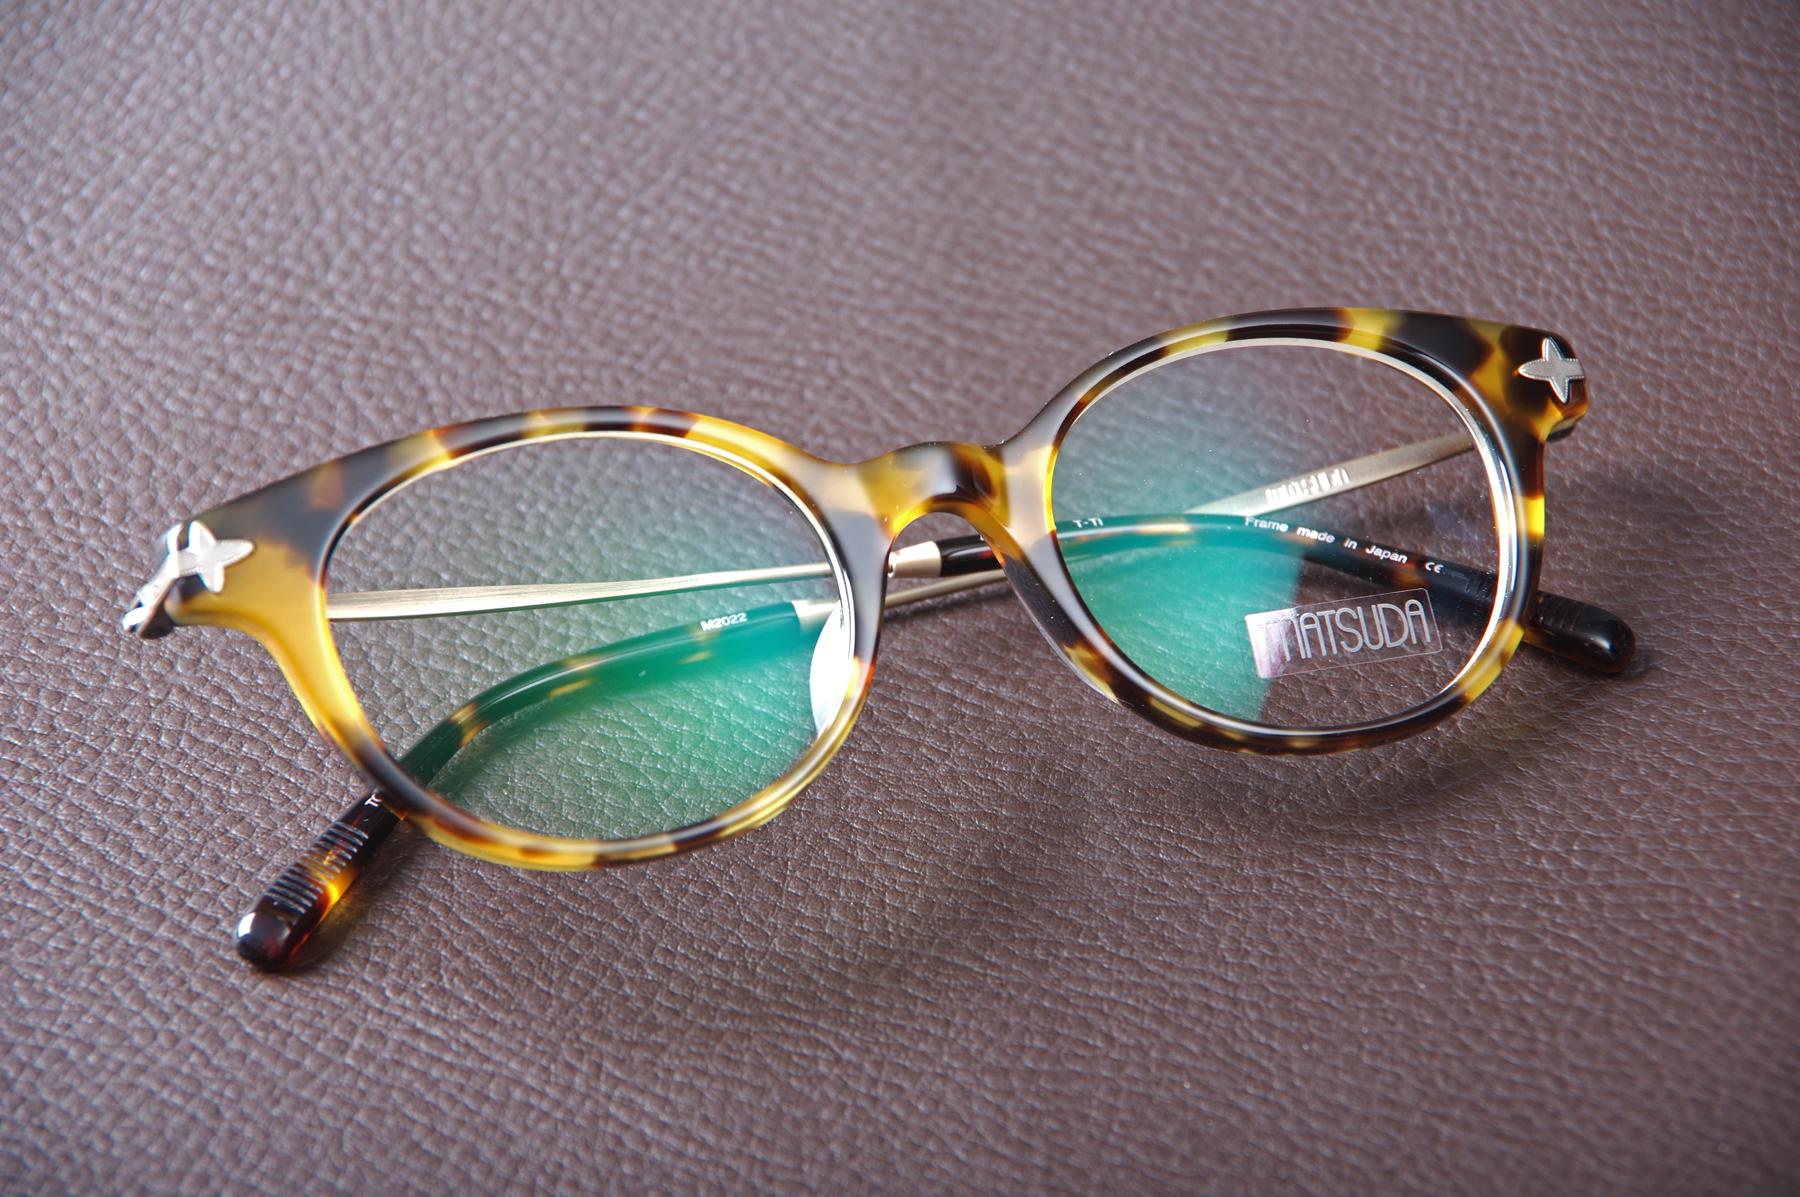 a480fa19316c69 Où trouver des lunettes de vue haut de gamme MATSUDA à proximité de Le  Havre 76 ...